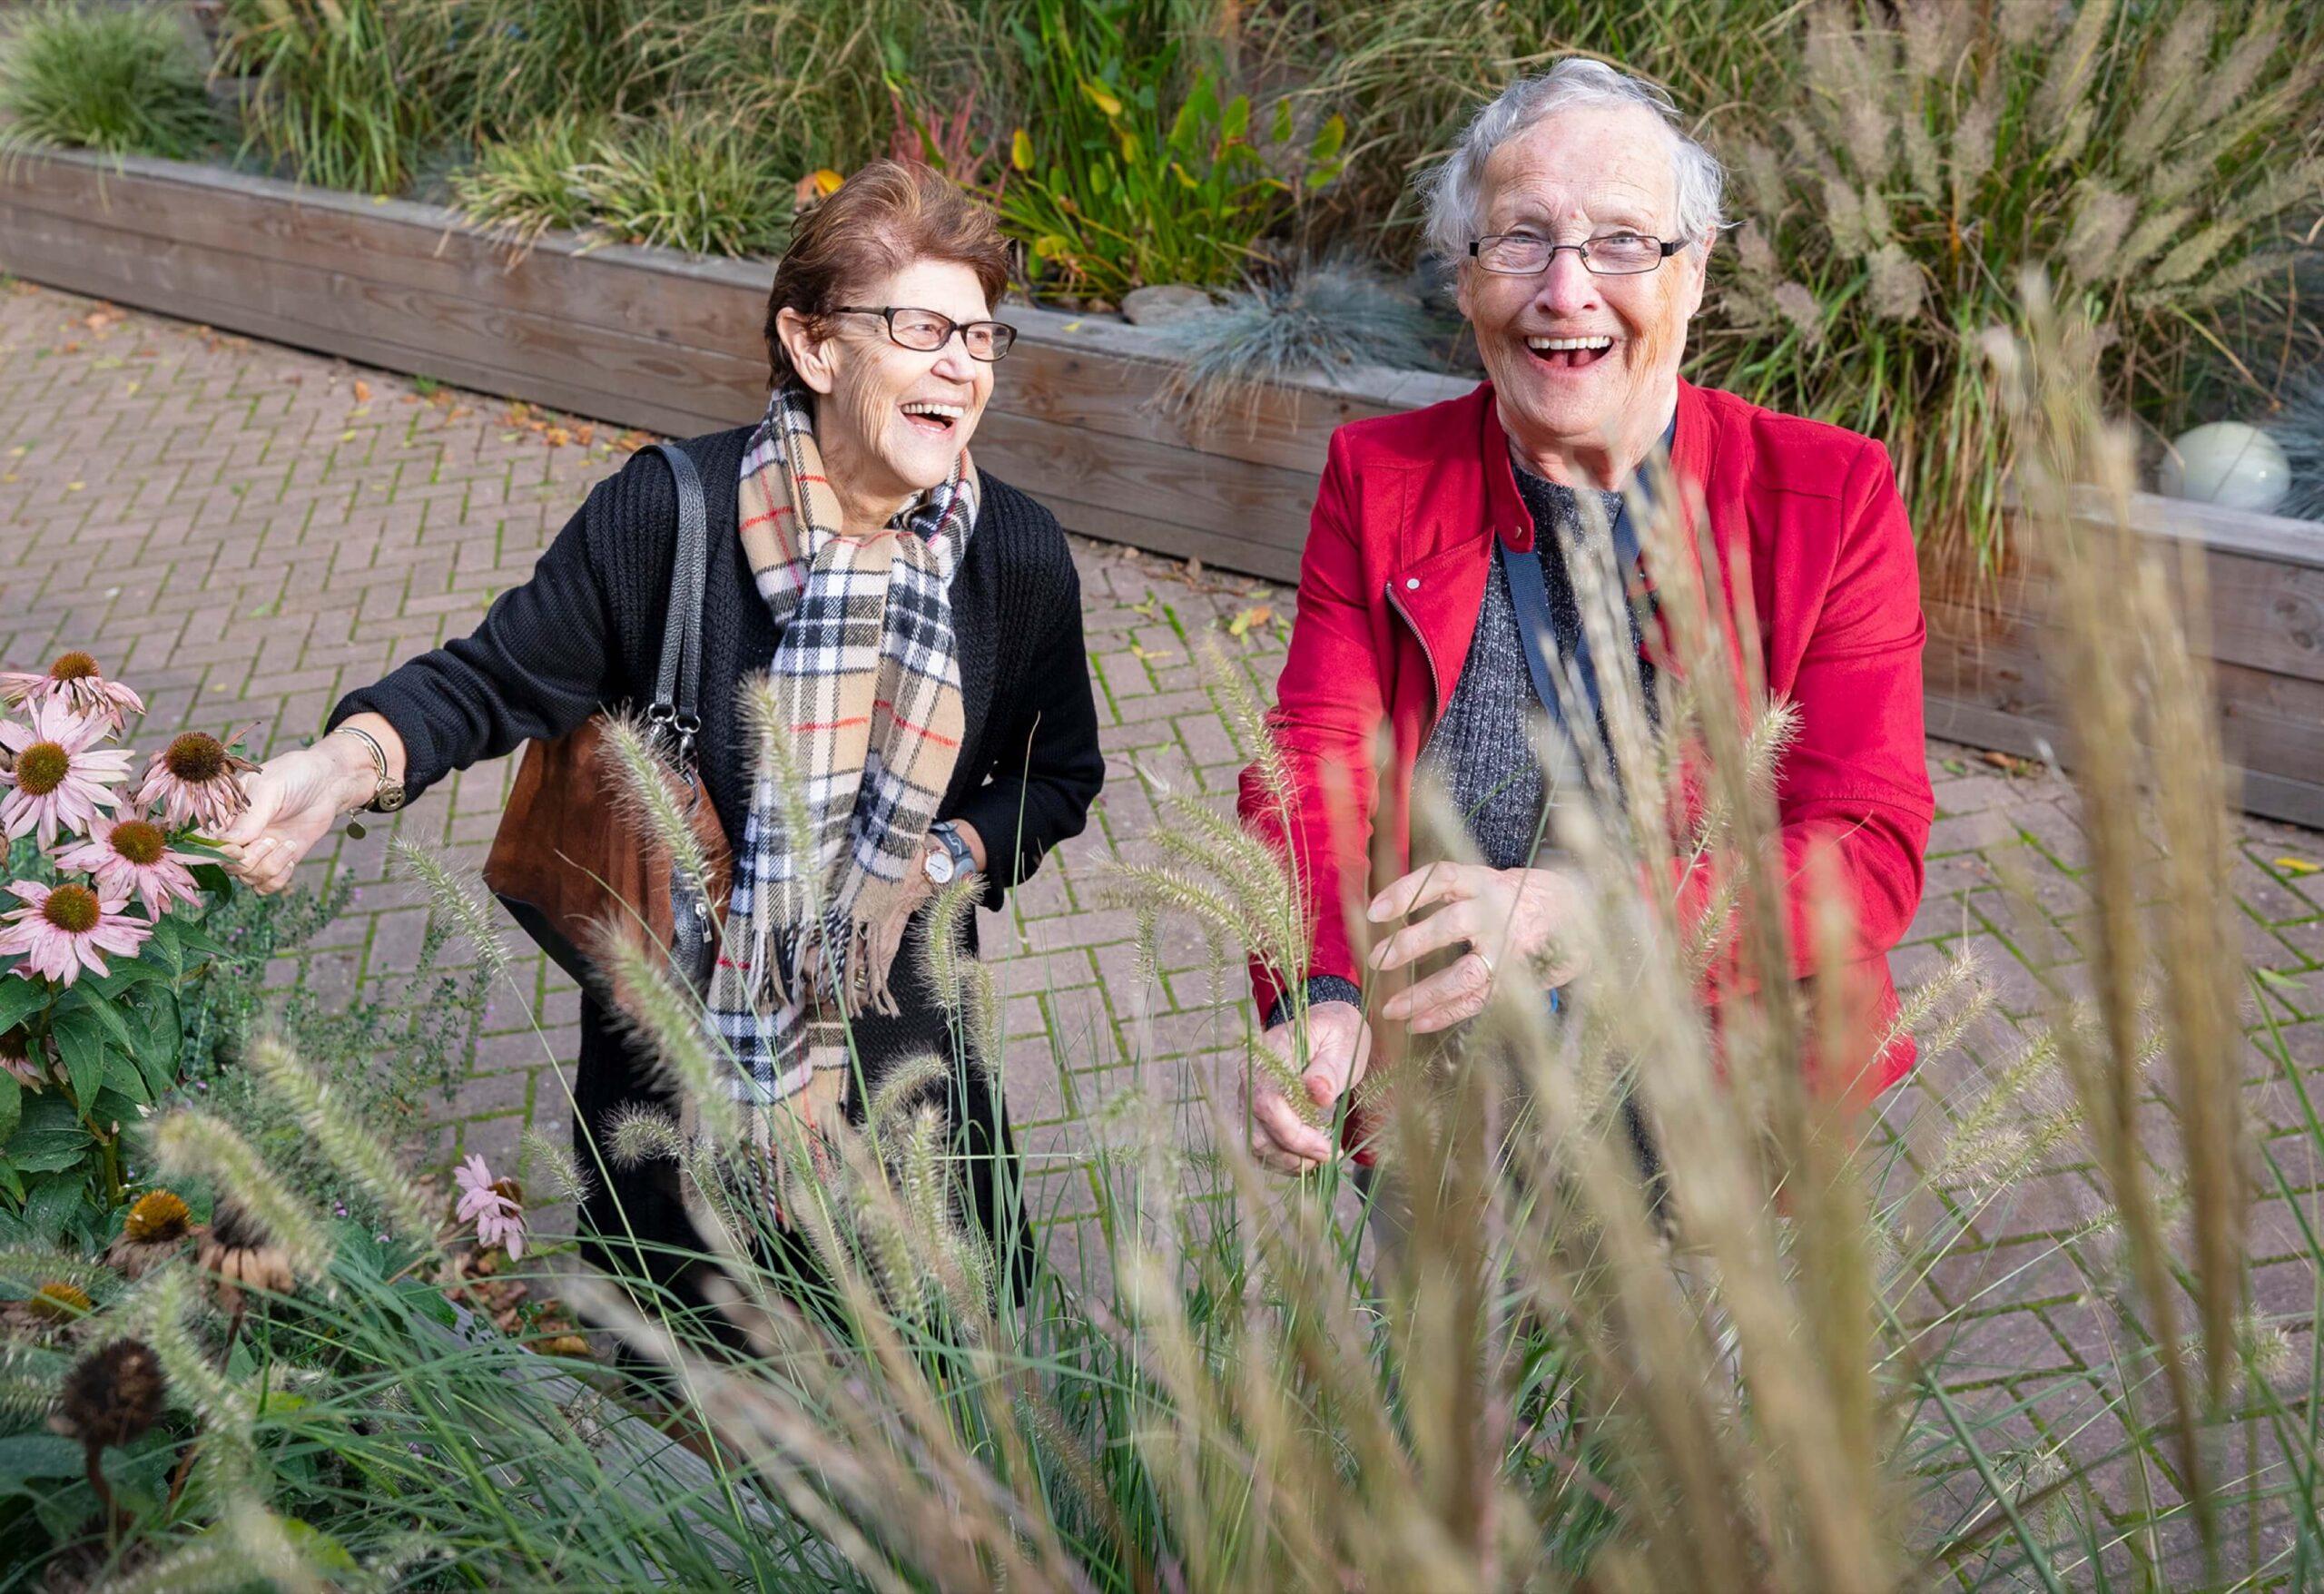 Jurjen Poeles Fotografie Pleyade ouderenzorg ouderen wonen beeldbank Arnhem Elst Liemers